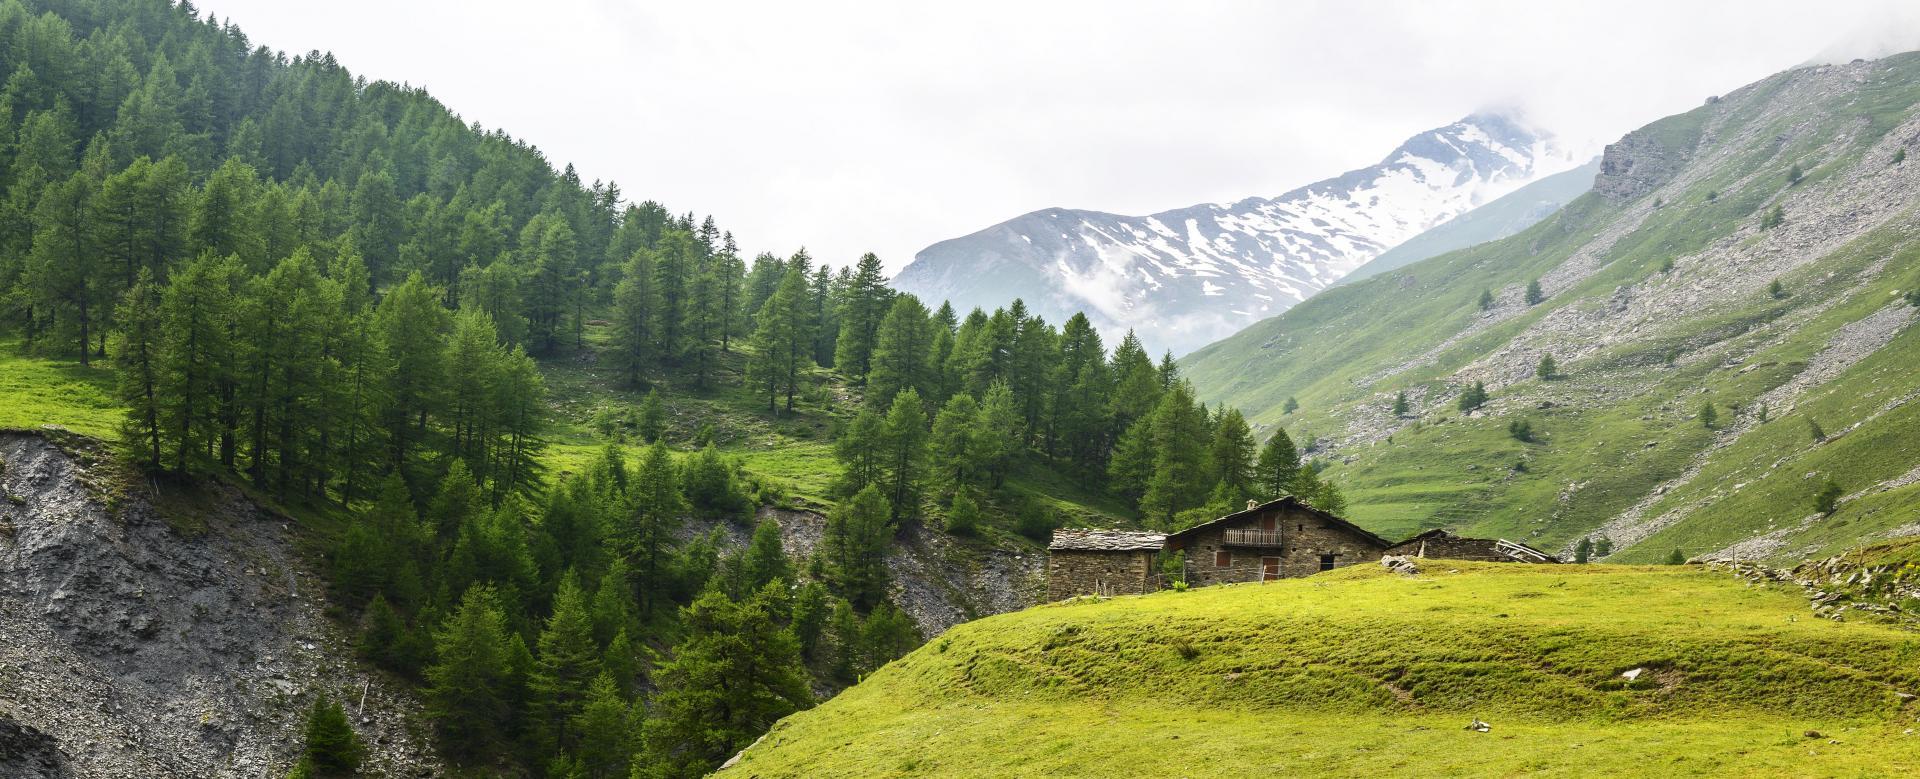 Voyage à pied : Val maira, percorso occitano